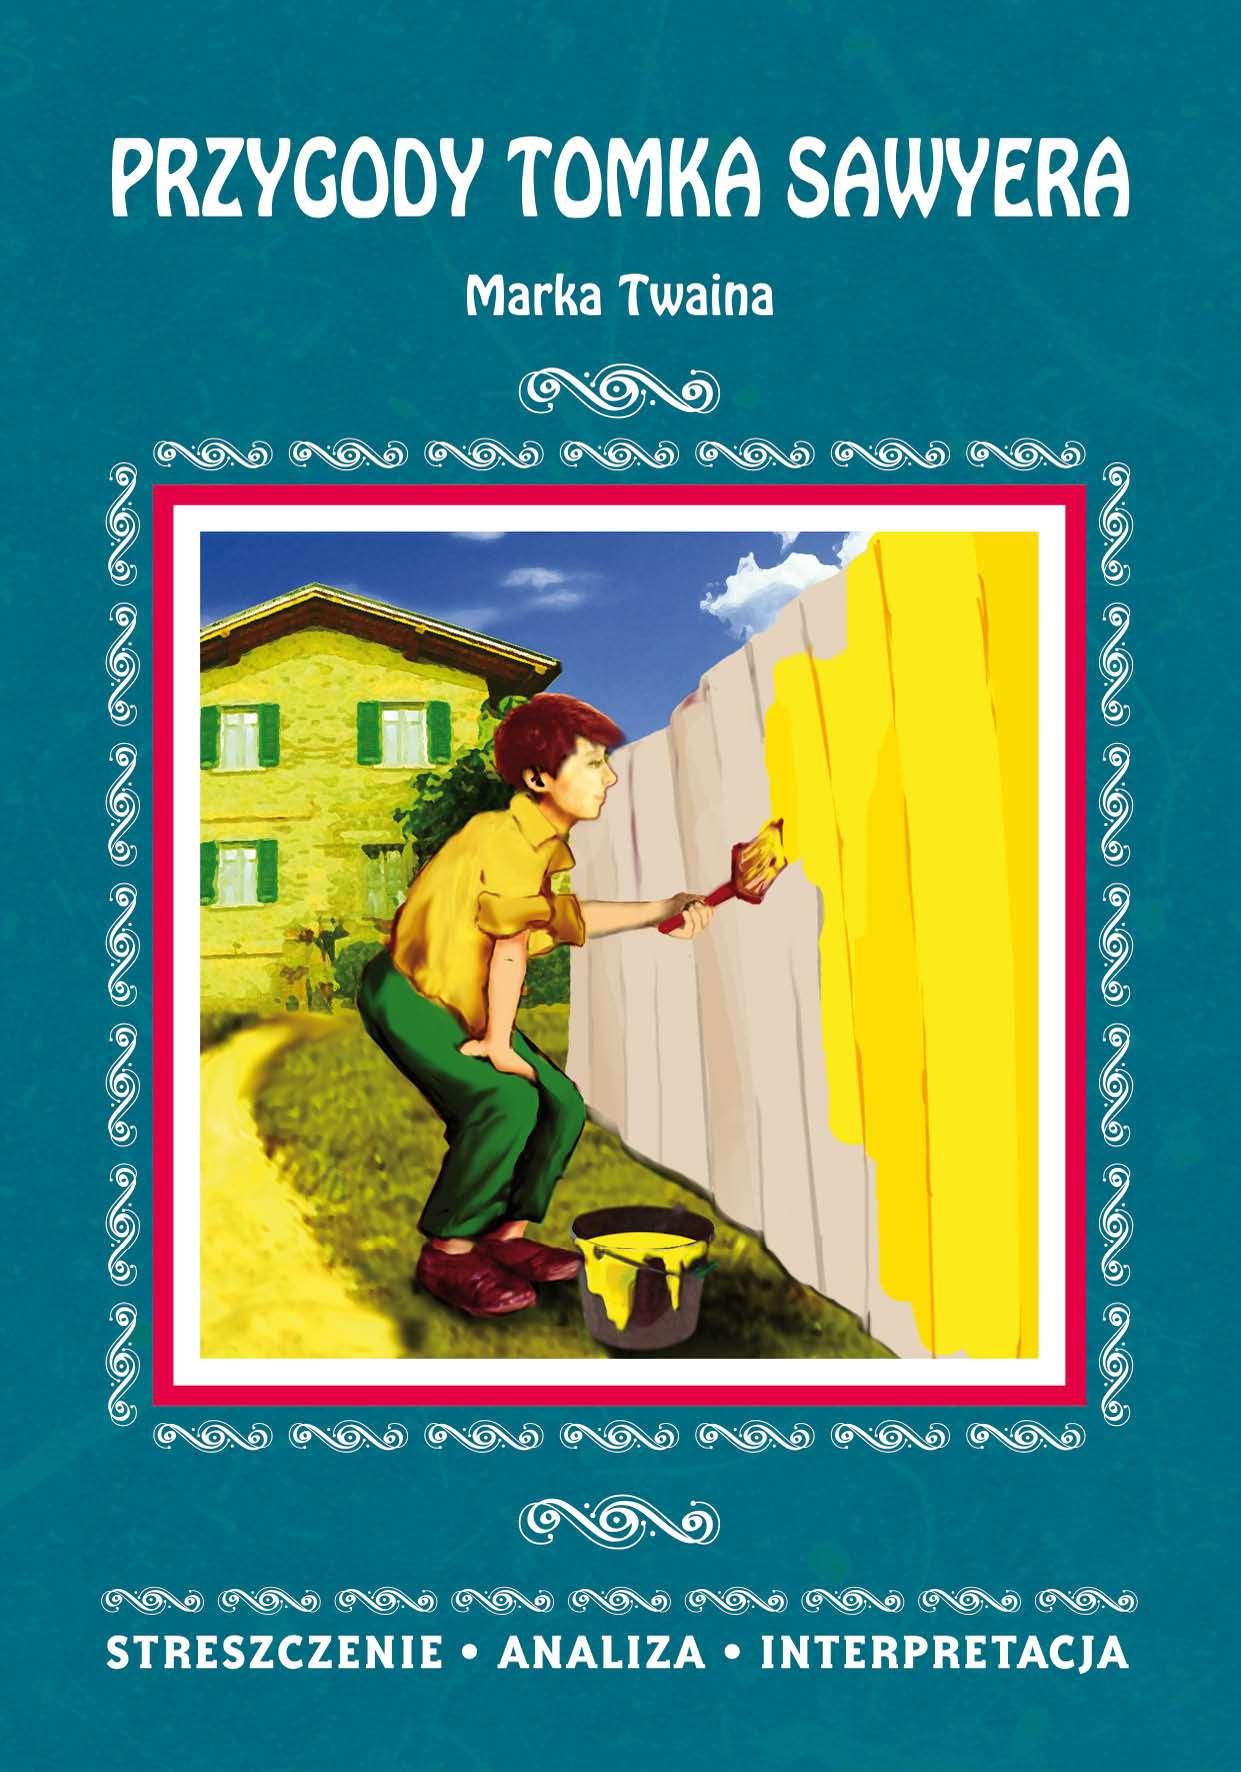 Przygody Tomka Sawyera Marka Twaina. Streszczenie, analiza, interpretacja - Ebook (Książka PDF) do pobrania w formacie PDF